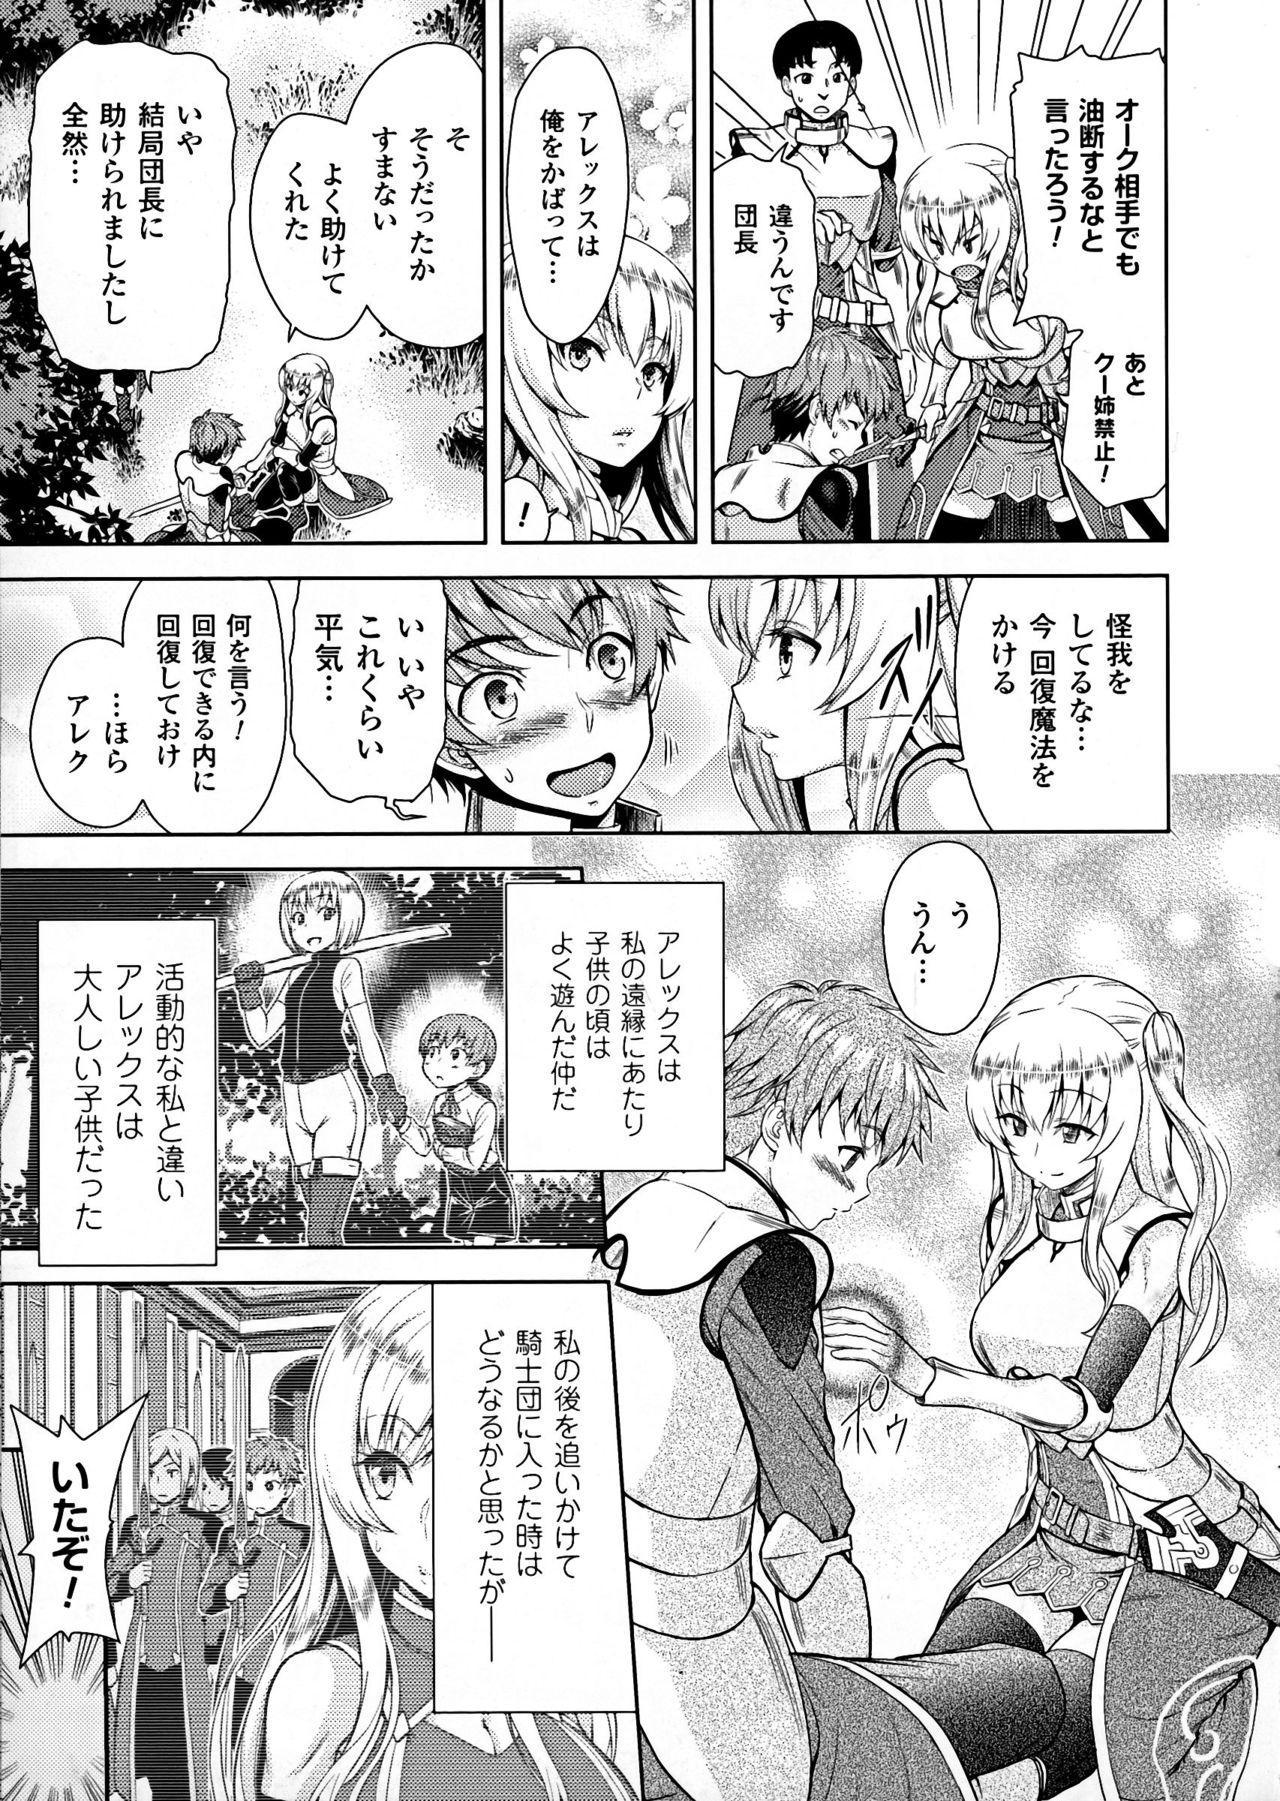 ERONA Orc no Inmon ni Okasareta Onna Kishi no Matsuro 4